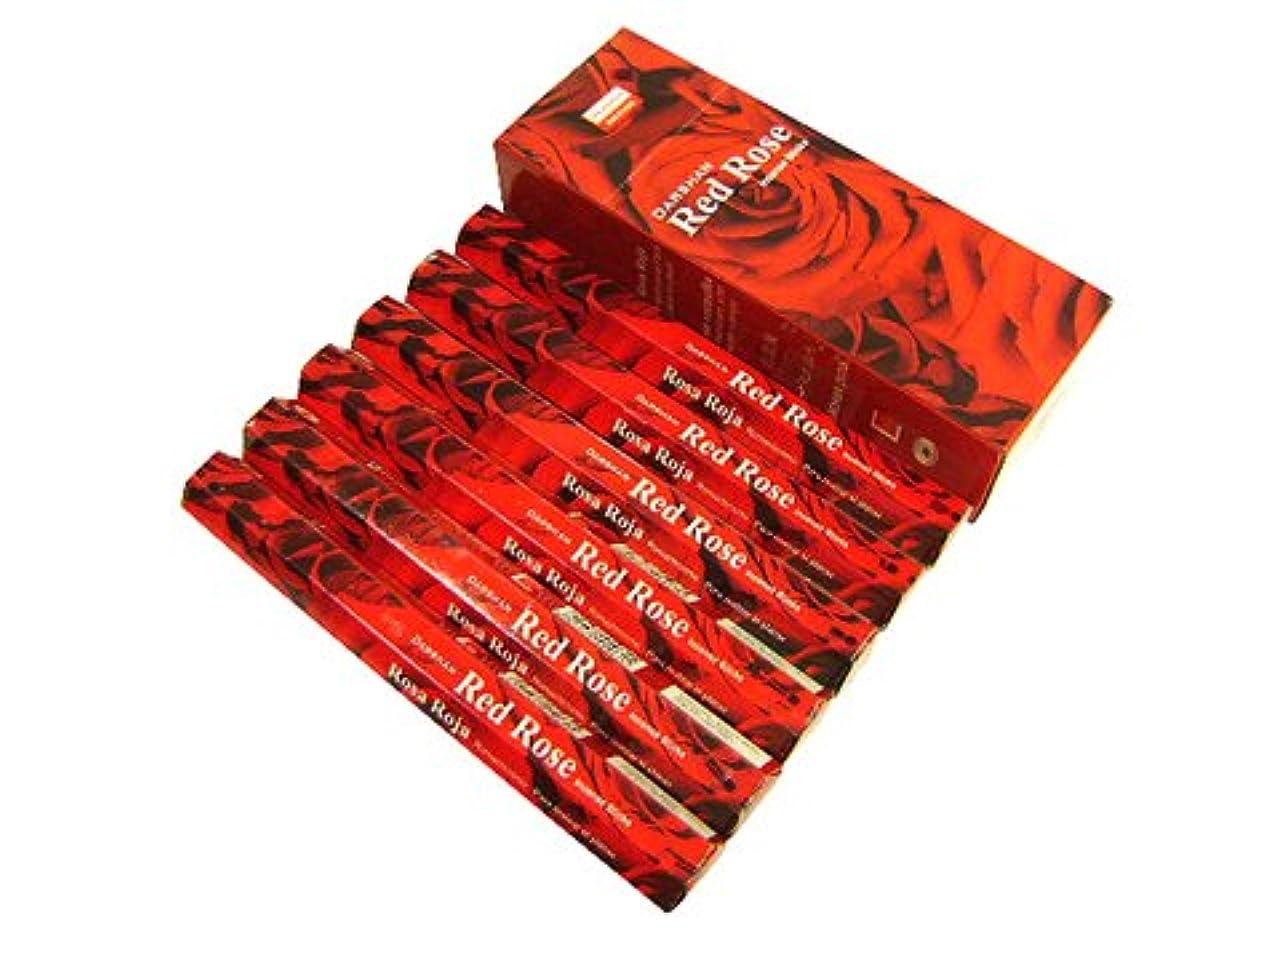 ラジエーター政策おじさんDARSHAN(ダルシャン) レッドローズ香 スティック RED ROSE 6箱セット